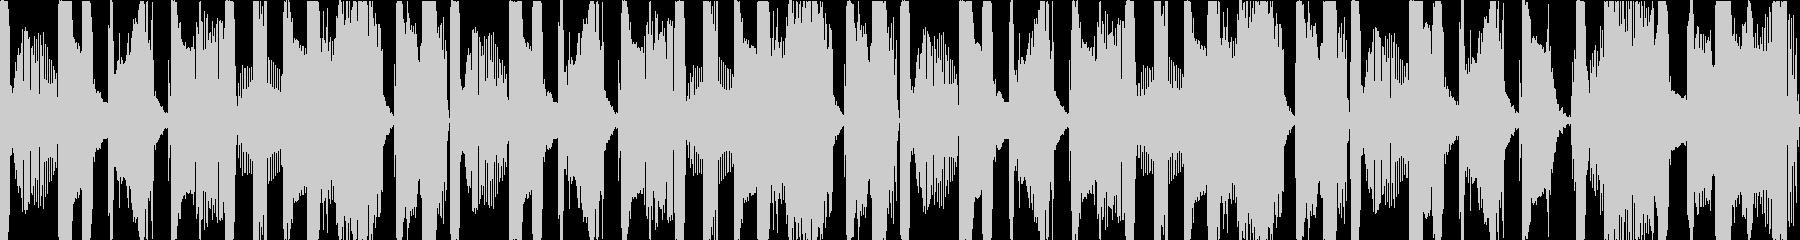 ヒップホップ(ウッドベース)なループの未再生の波形